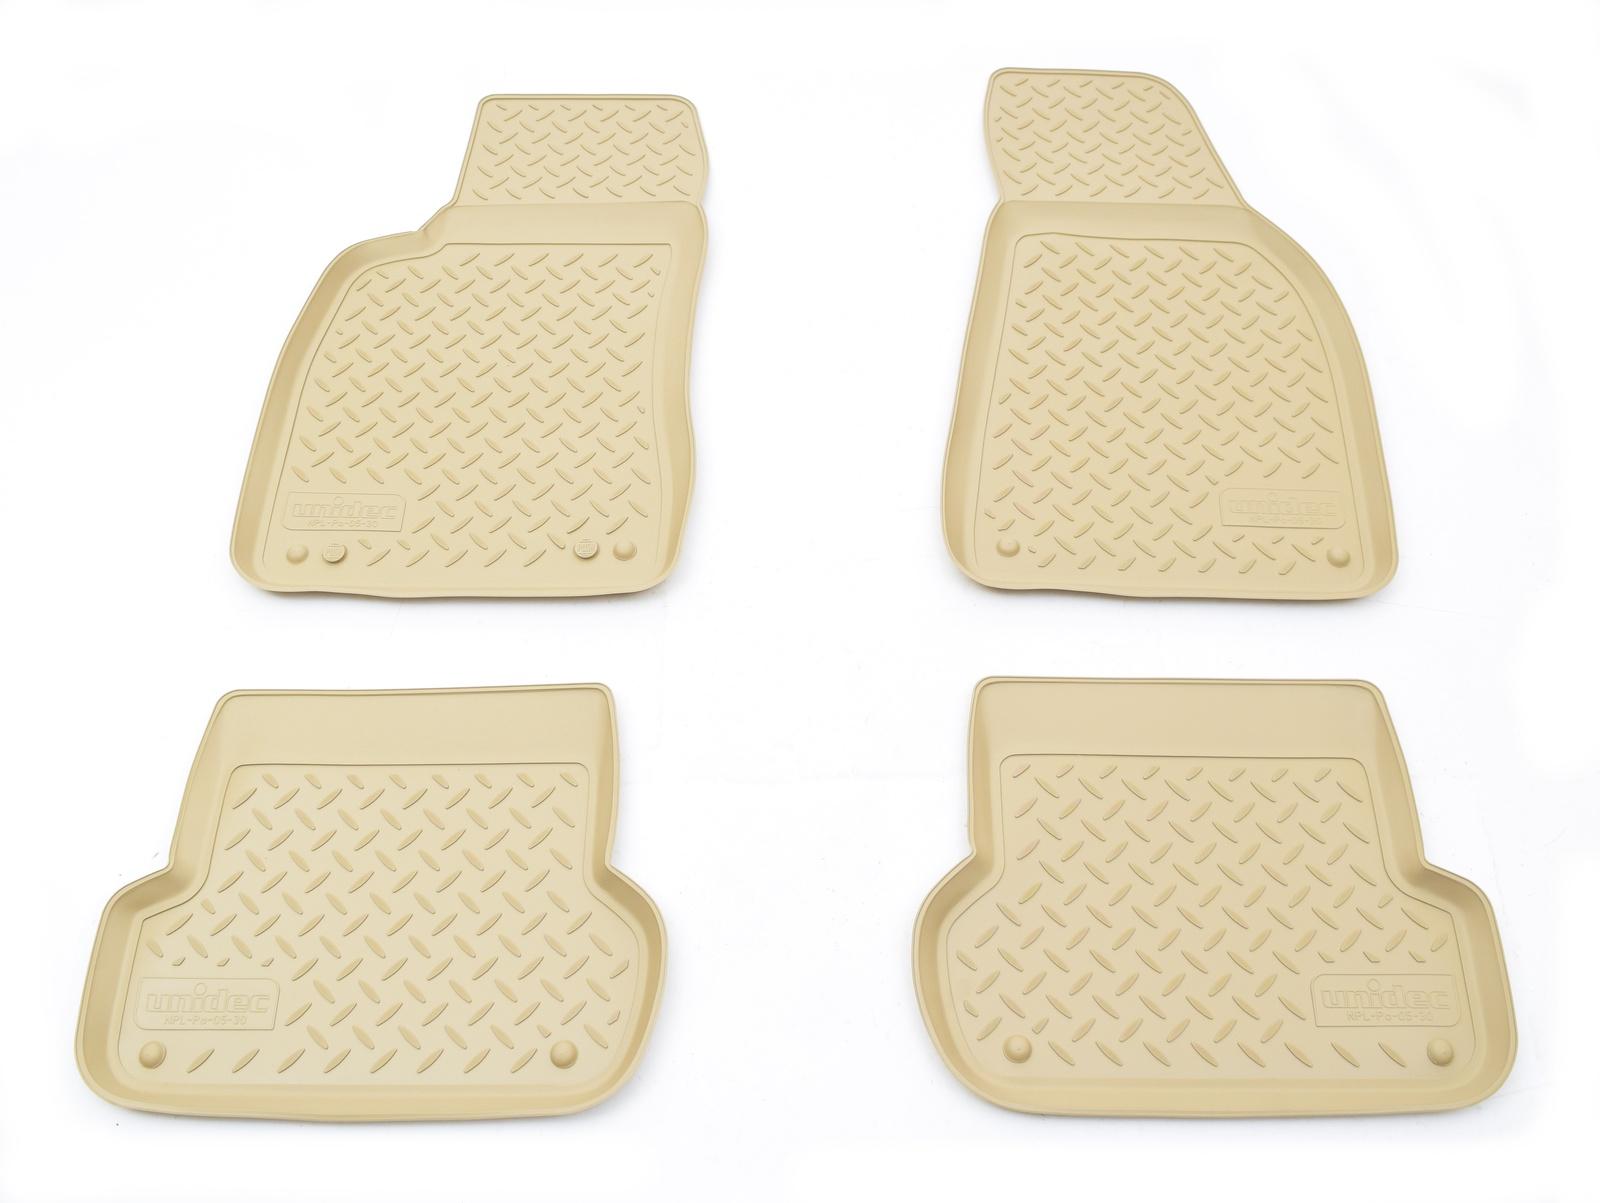 цена на Коврики в салон автомобиля Norplast для Audi A4 B6:8E/B7:8E 2001-2007, NPL-Po-05-30-B, бежевый